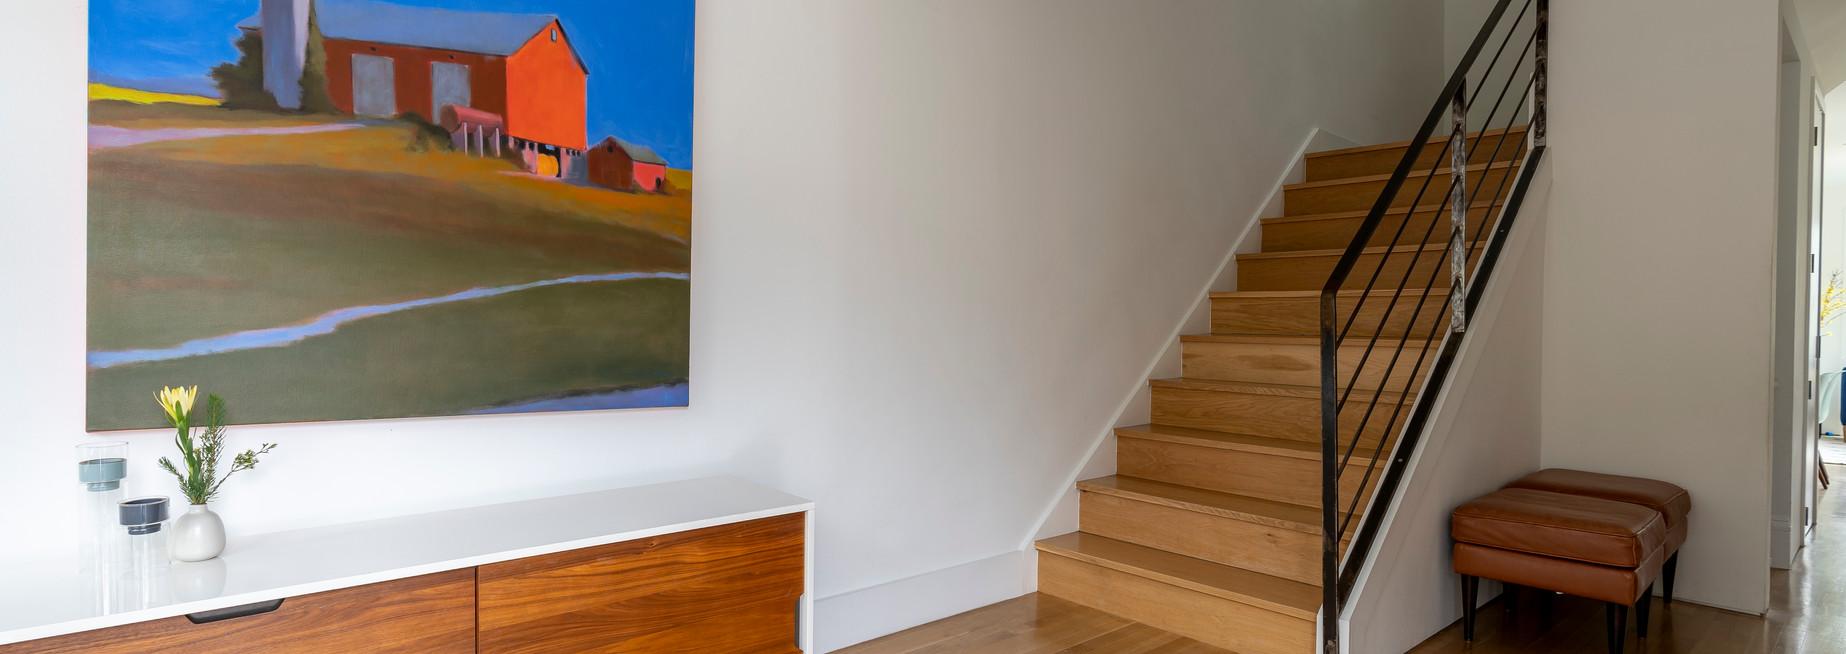 Noe Valley San Francisco Home